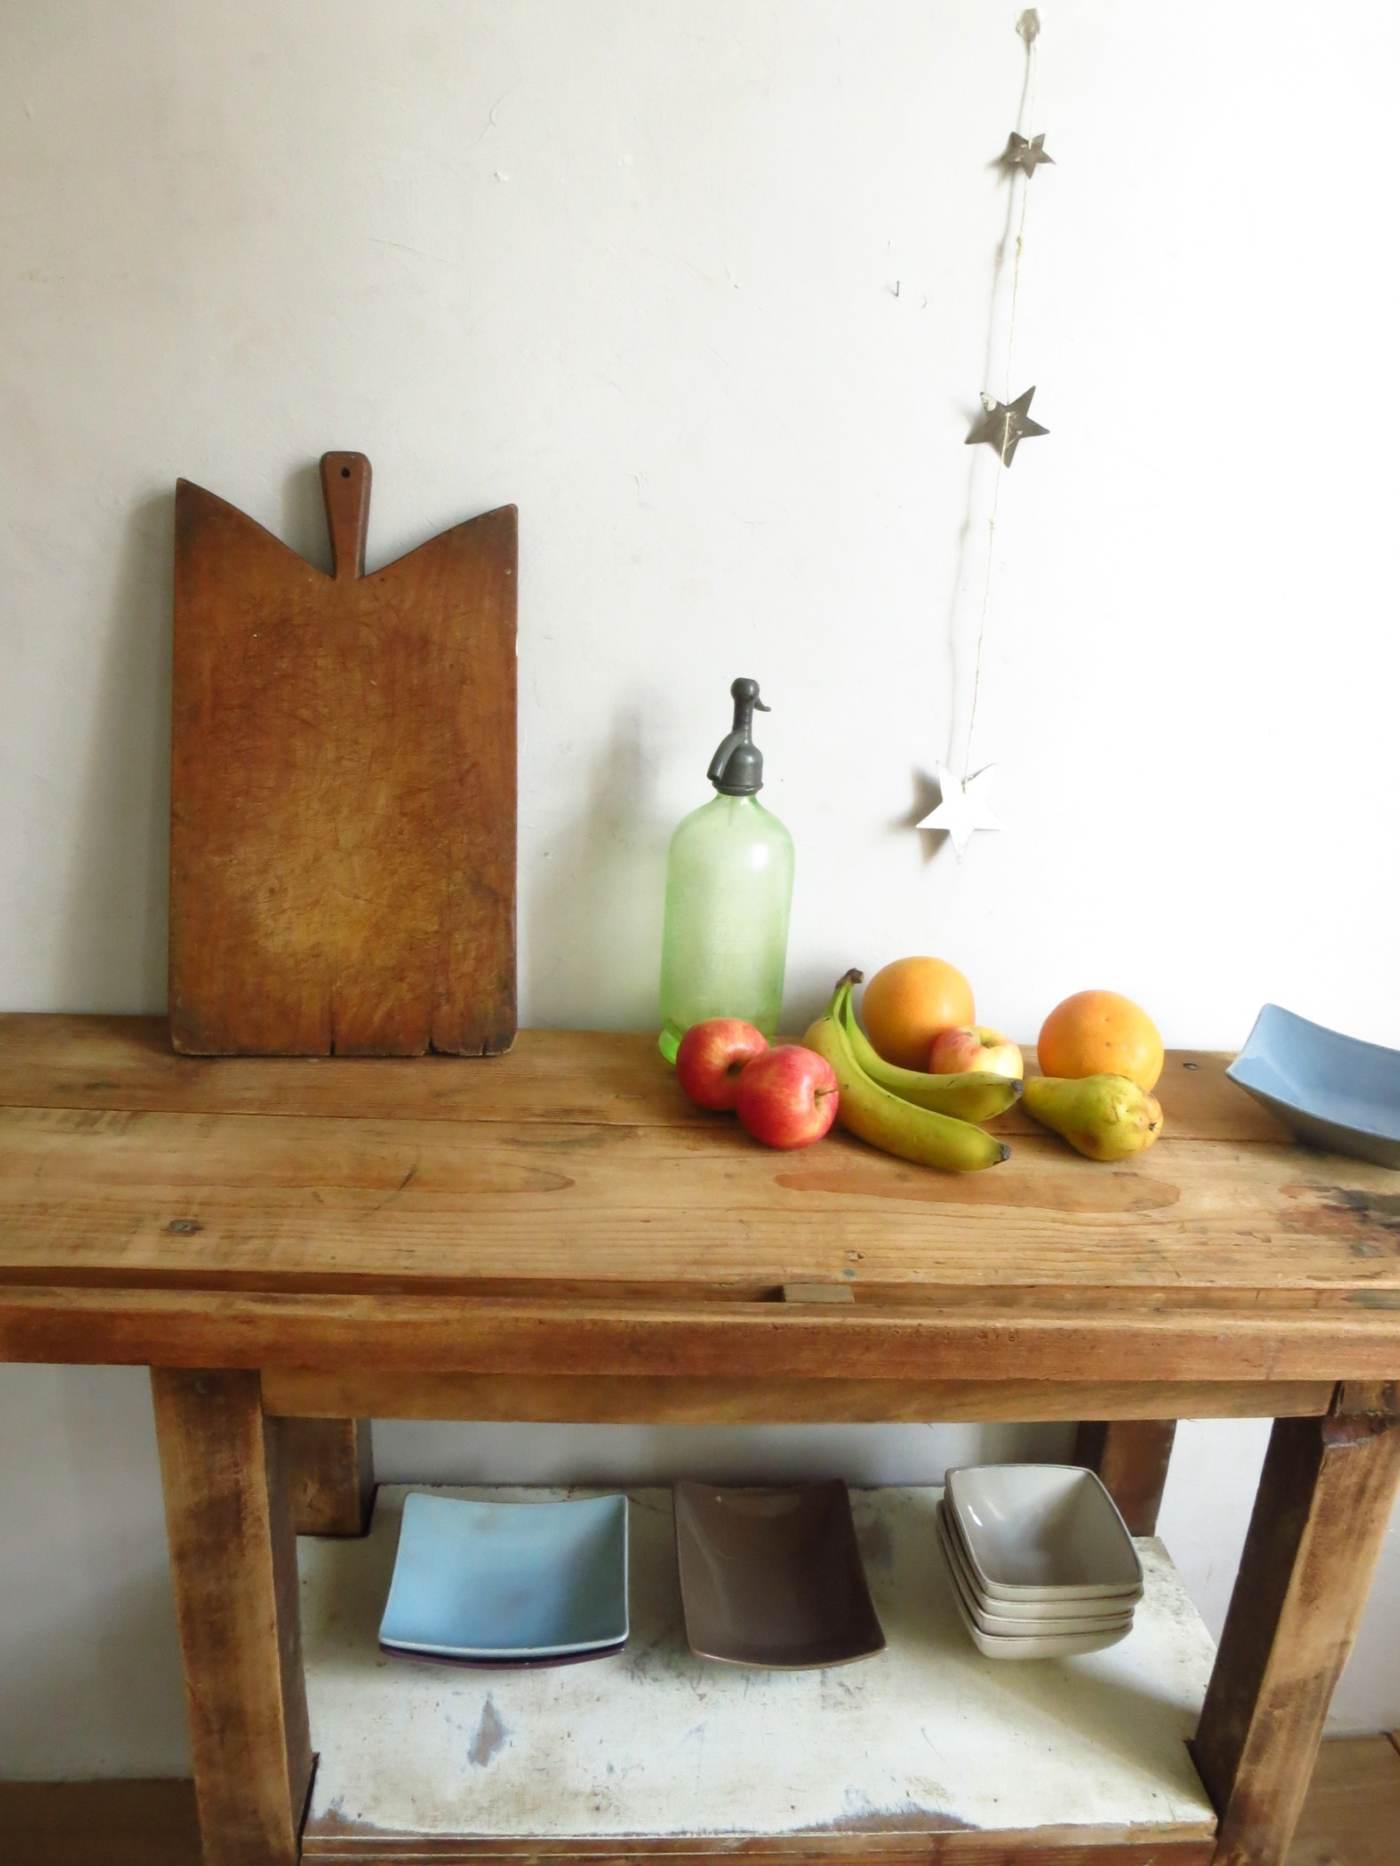 Petit Etabli Bois Ancien etabli ancien - c'est vintage - commodes, tables et buffets